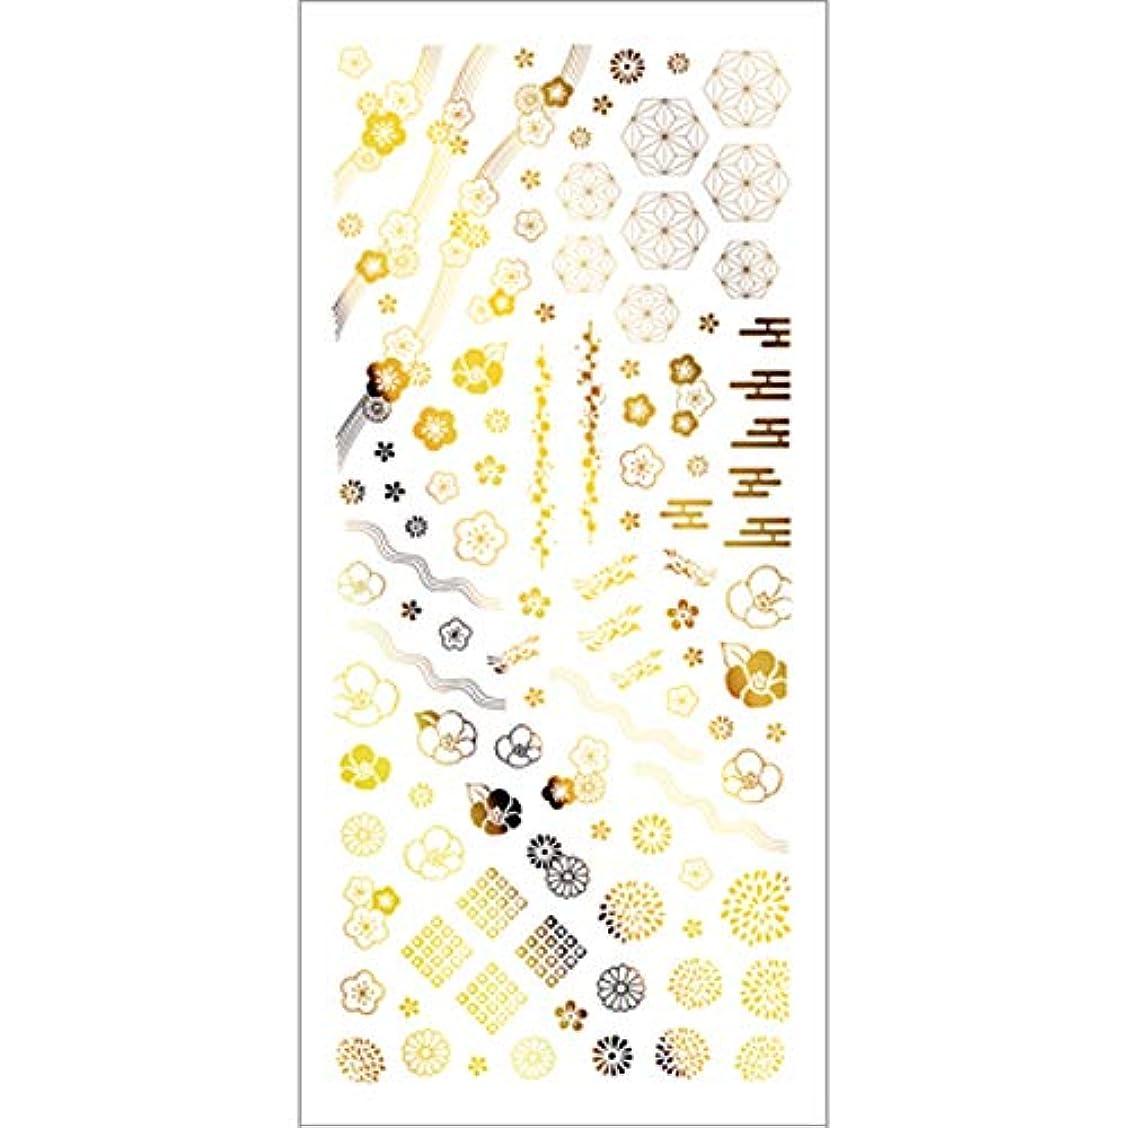 境界パッケージ分離TSUMEKIRA(ツメキラ) ネイルシール 箔和柄 ゴールド SG-HWG-101 1枚